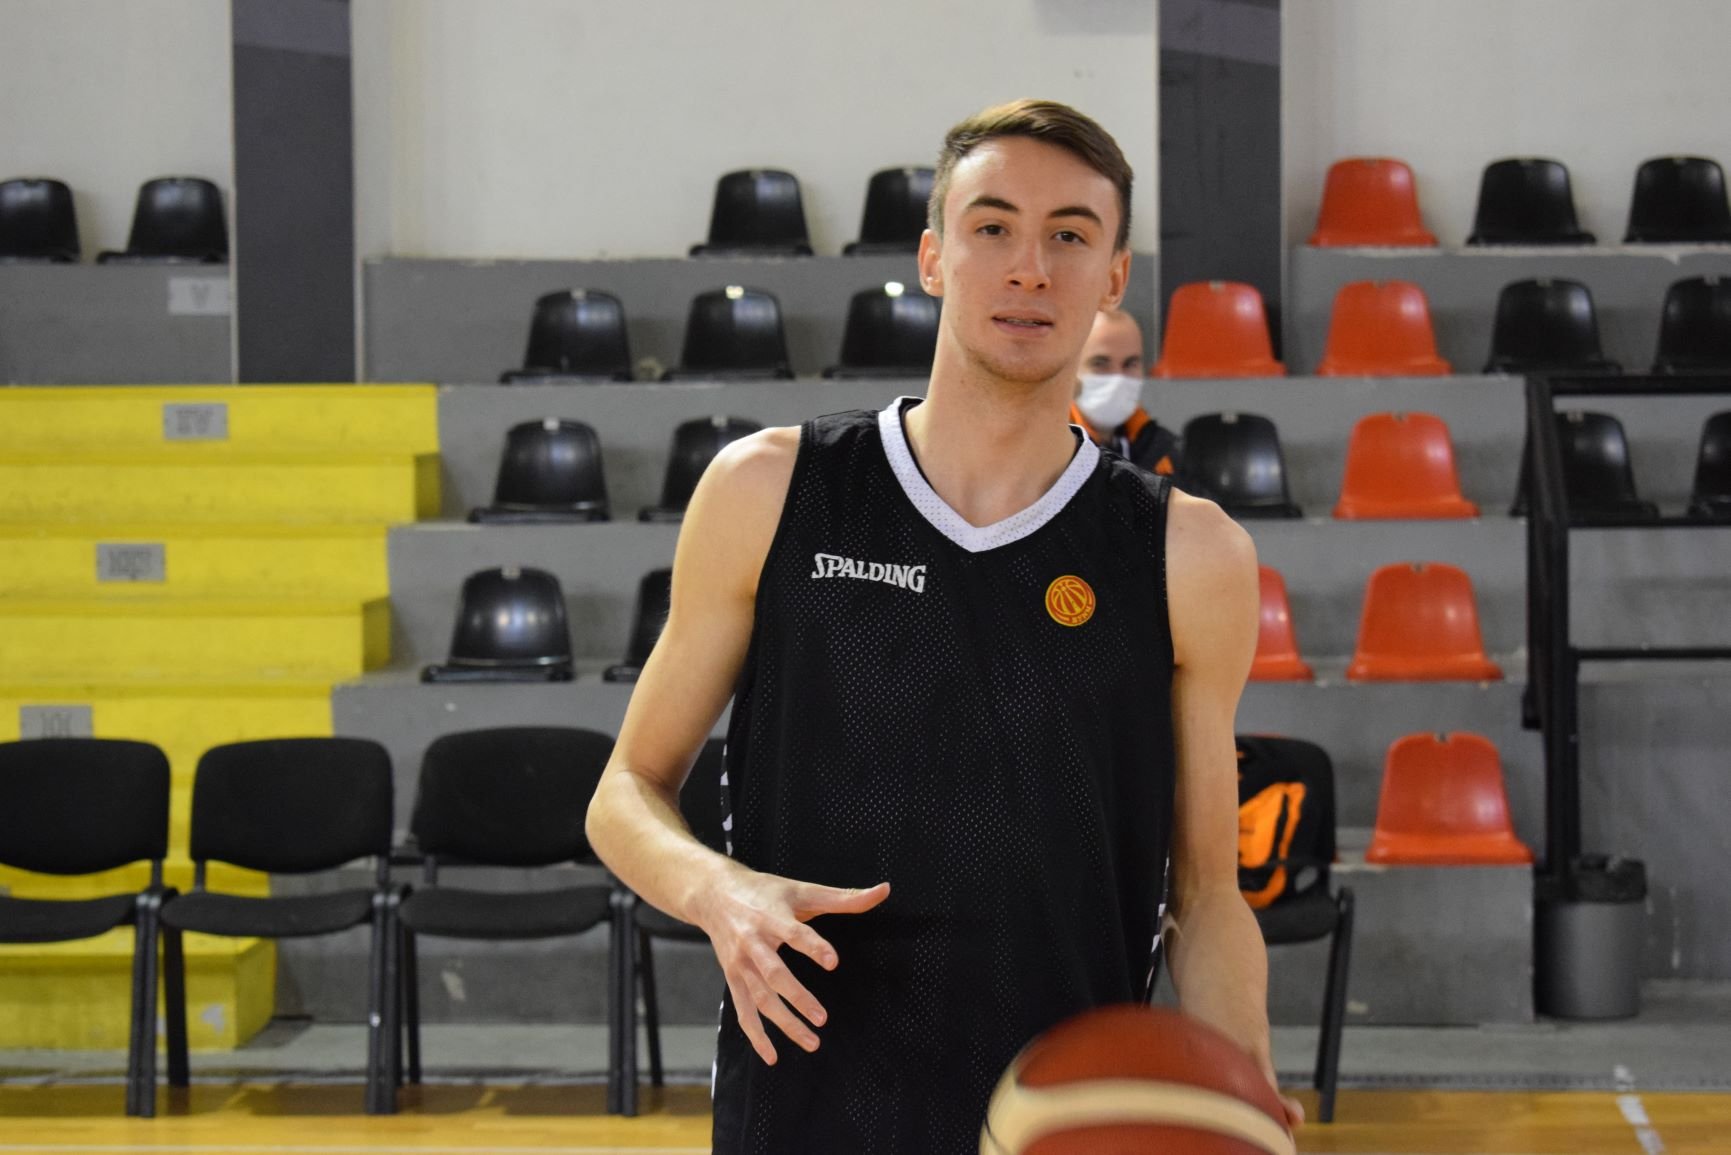 """Најмладиот во националниот тим: """"Верувам дека можеме да направиме позитивен резултат во Талин"""""""